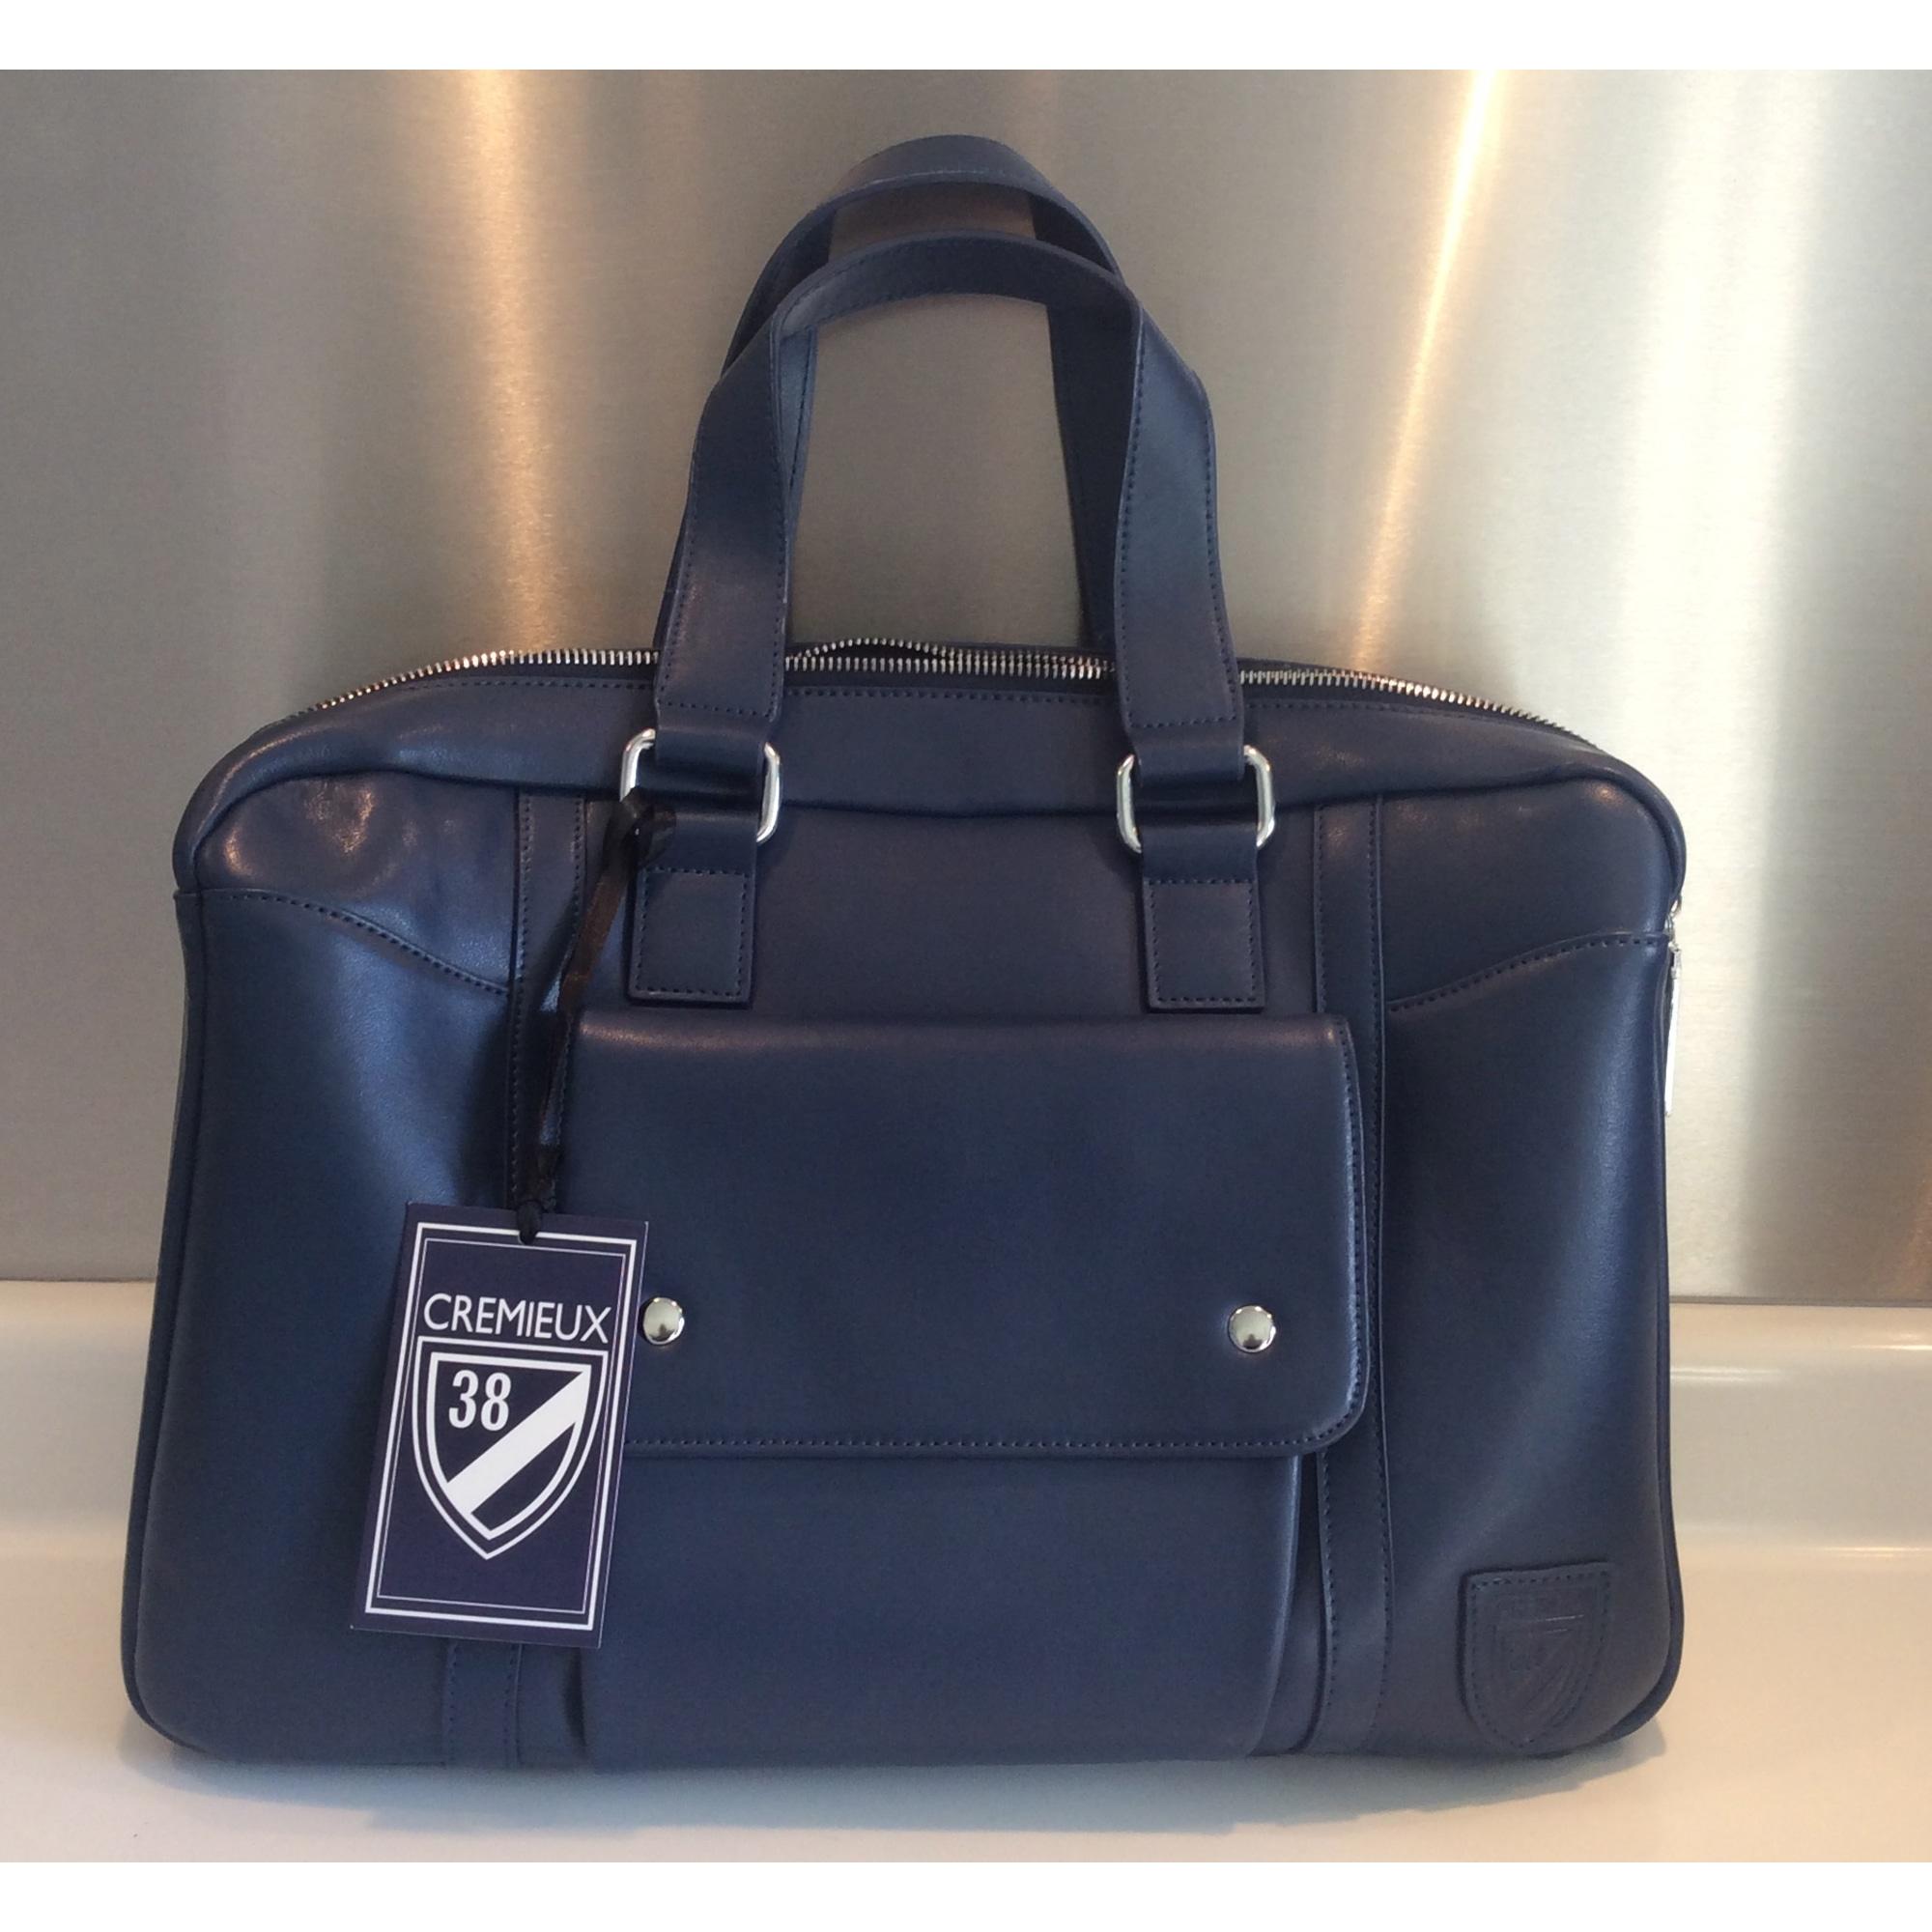 par Sac en vendu Patrick CREMIEUX 41534556 DANIEL bleu main à cuir FHxwq6gF8